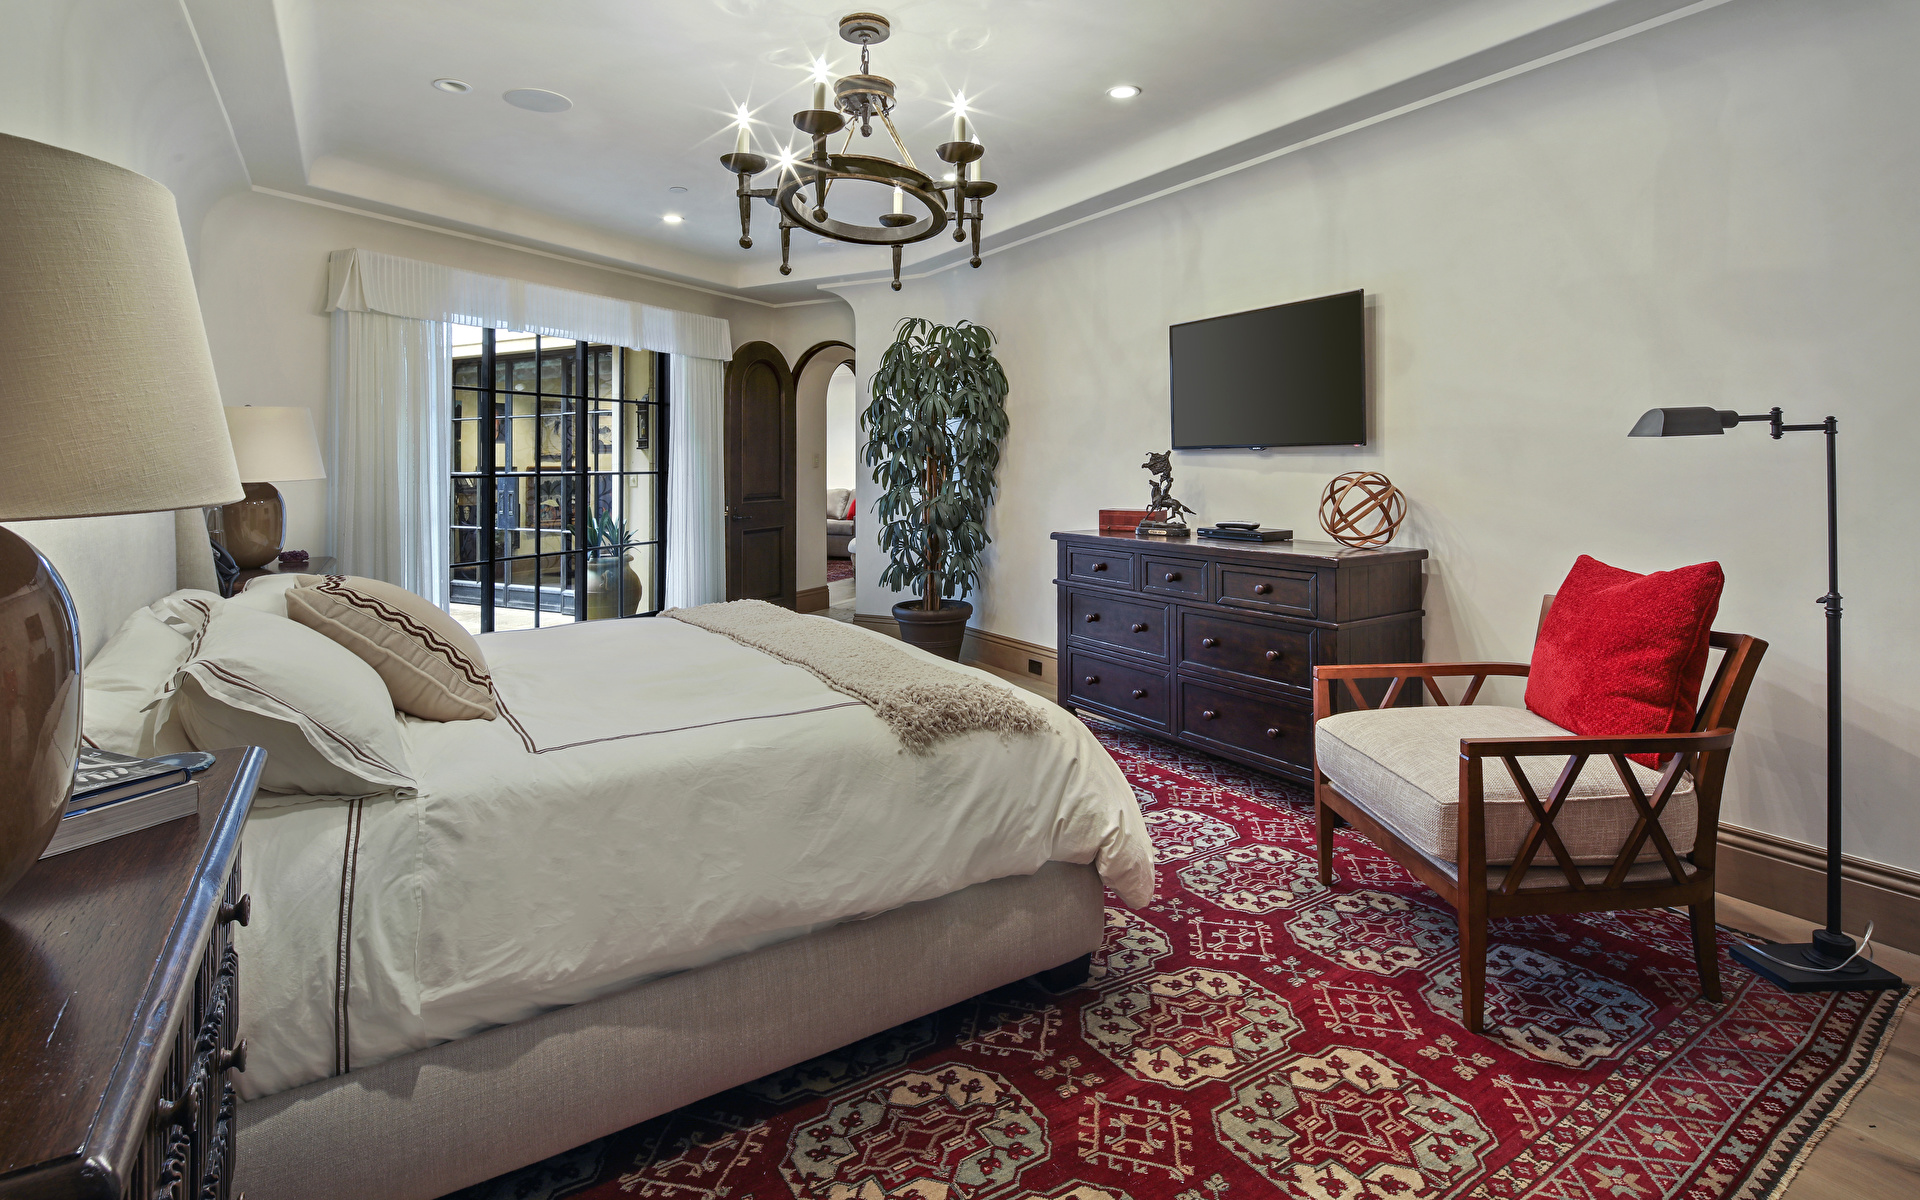 Интерьер ковры кровать  № 3537353 бесплатно